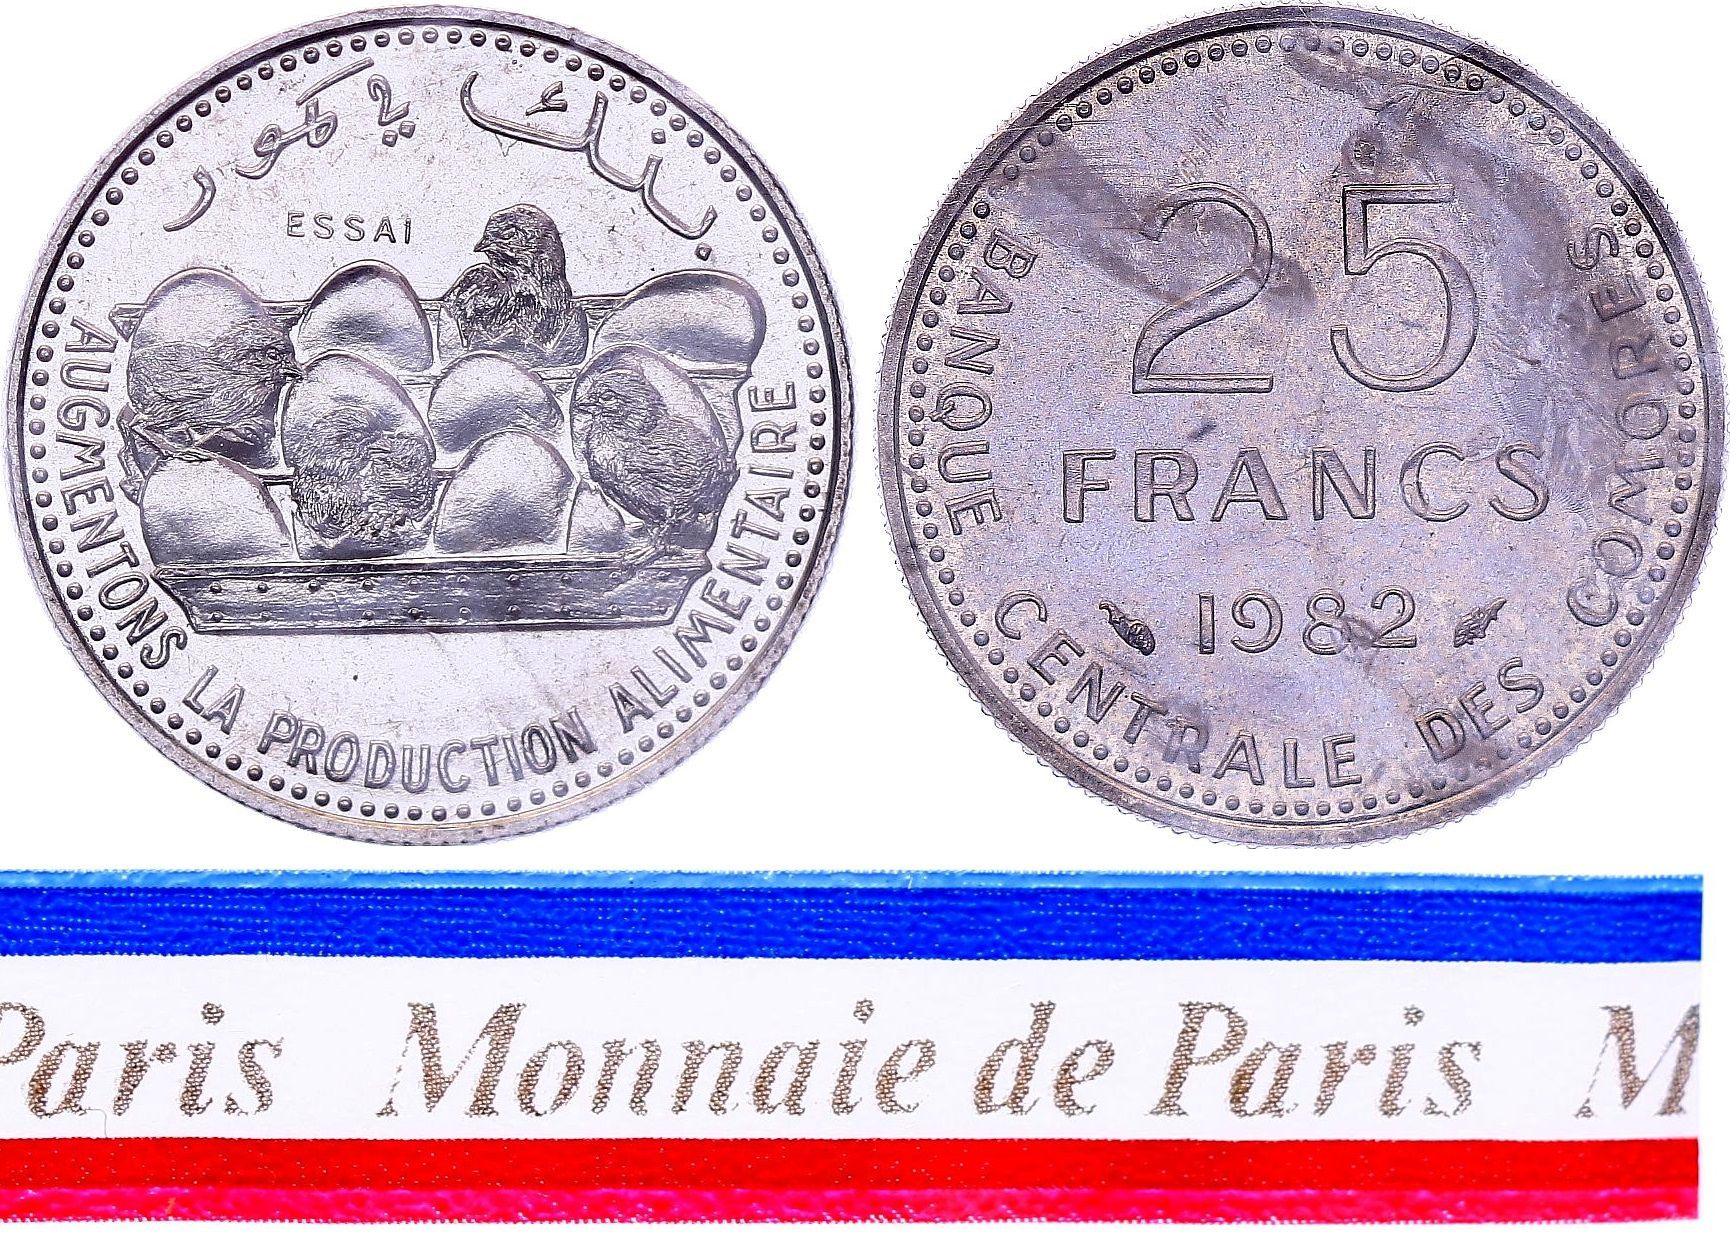 Comores 25 Francs - 1982 - Essai - Banque Centrale des Comores